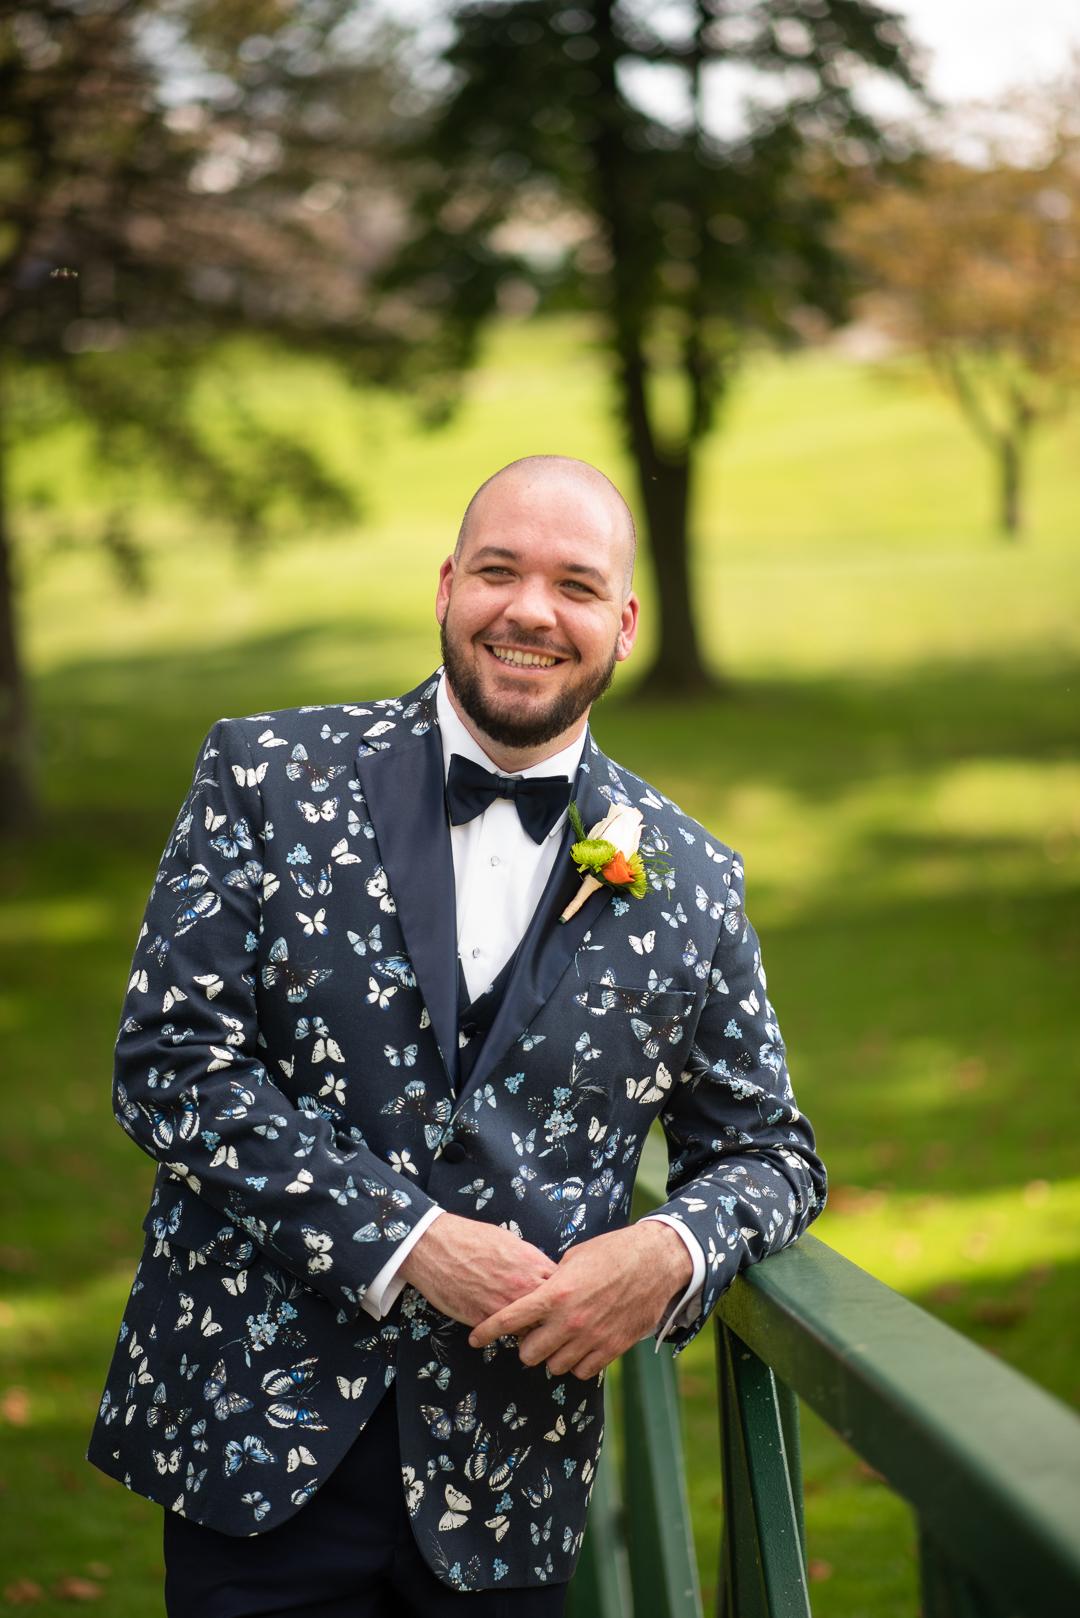 groom in printed tux